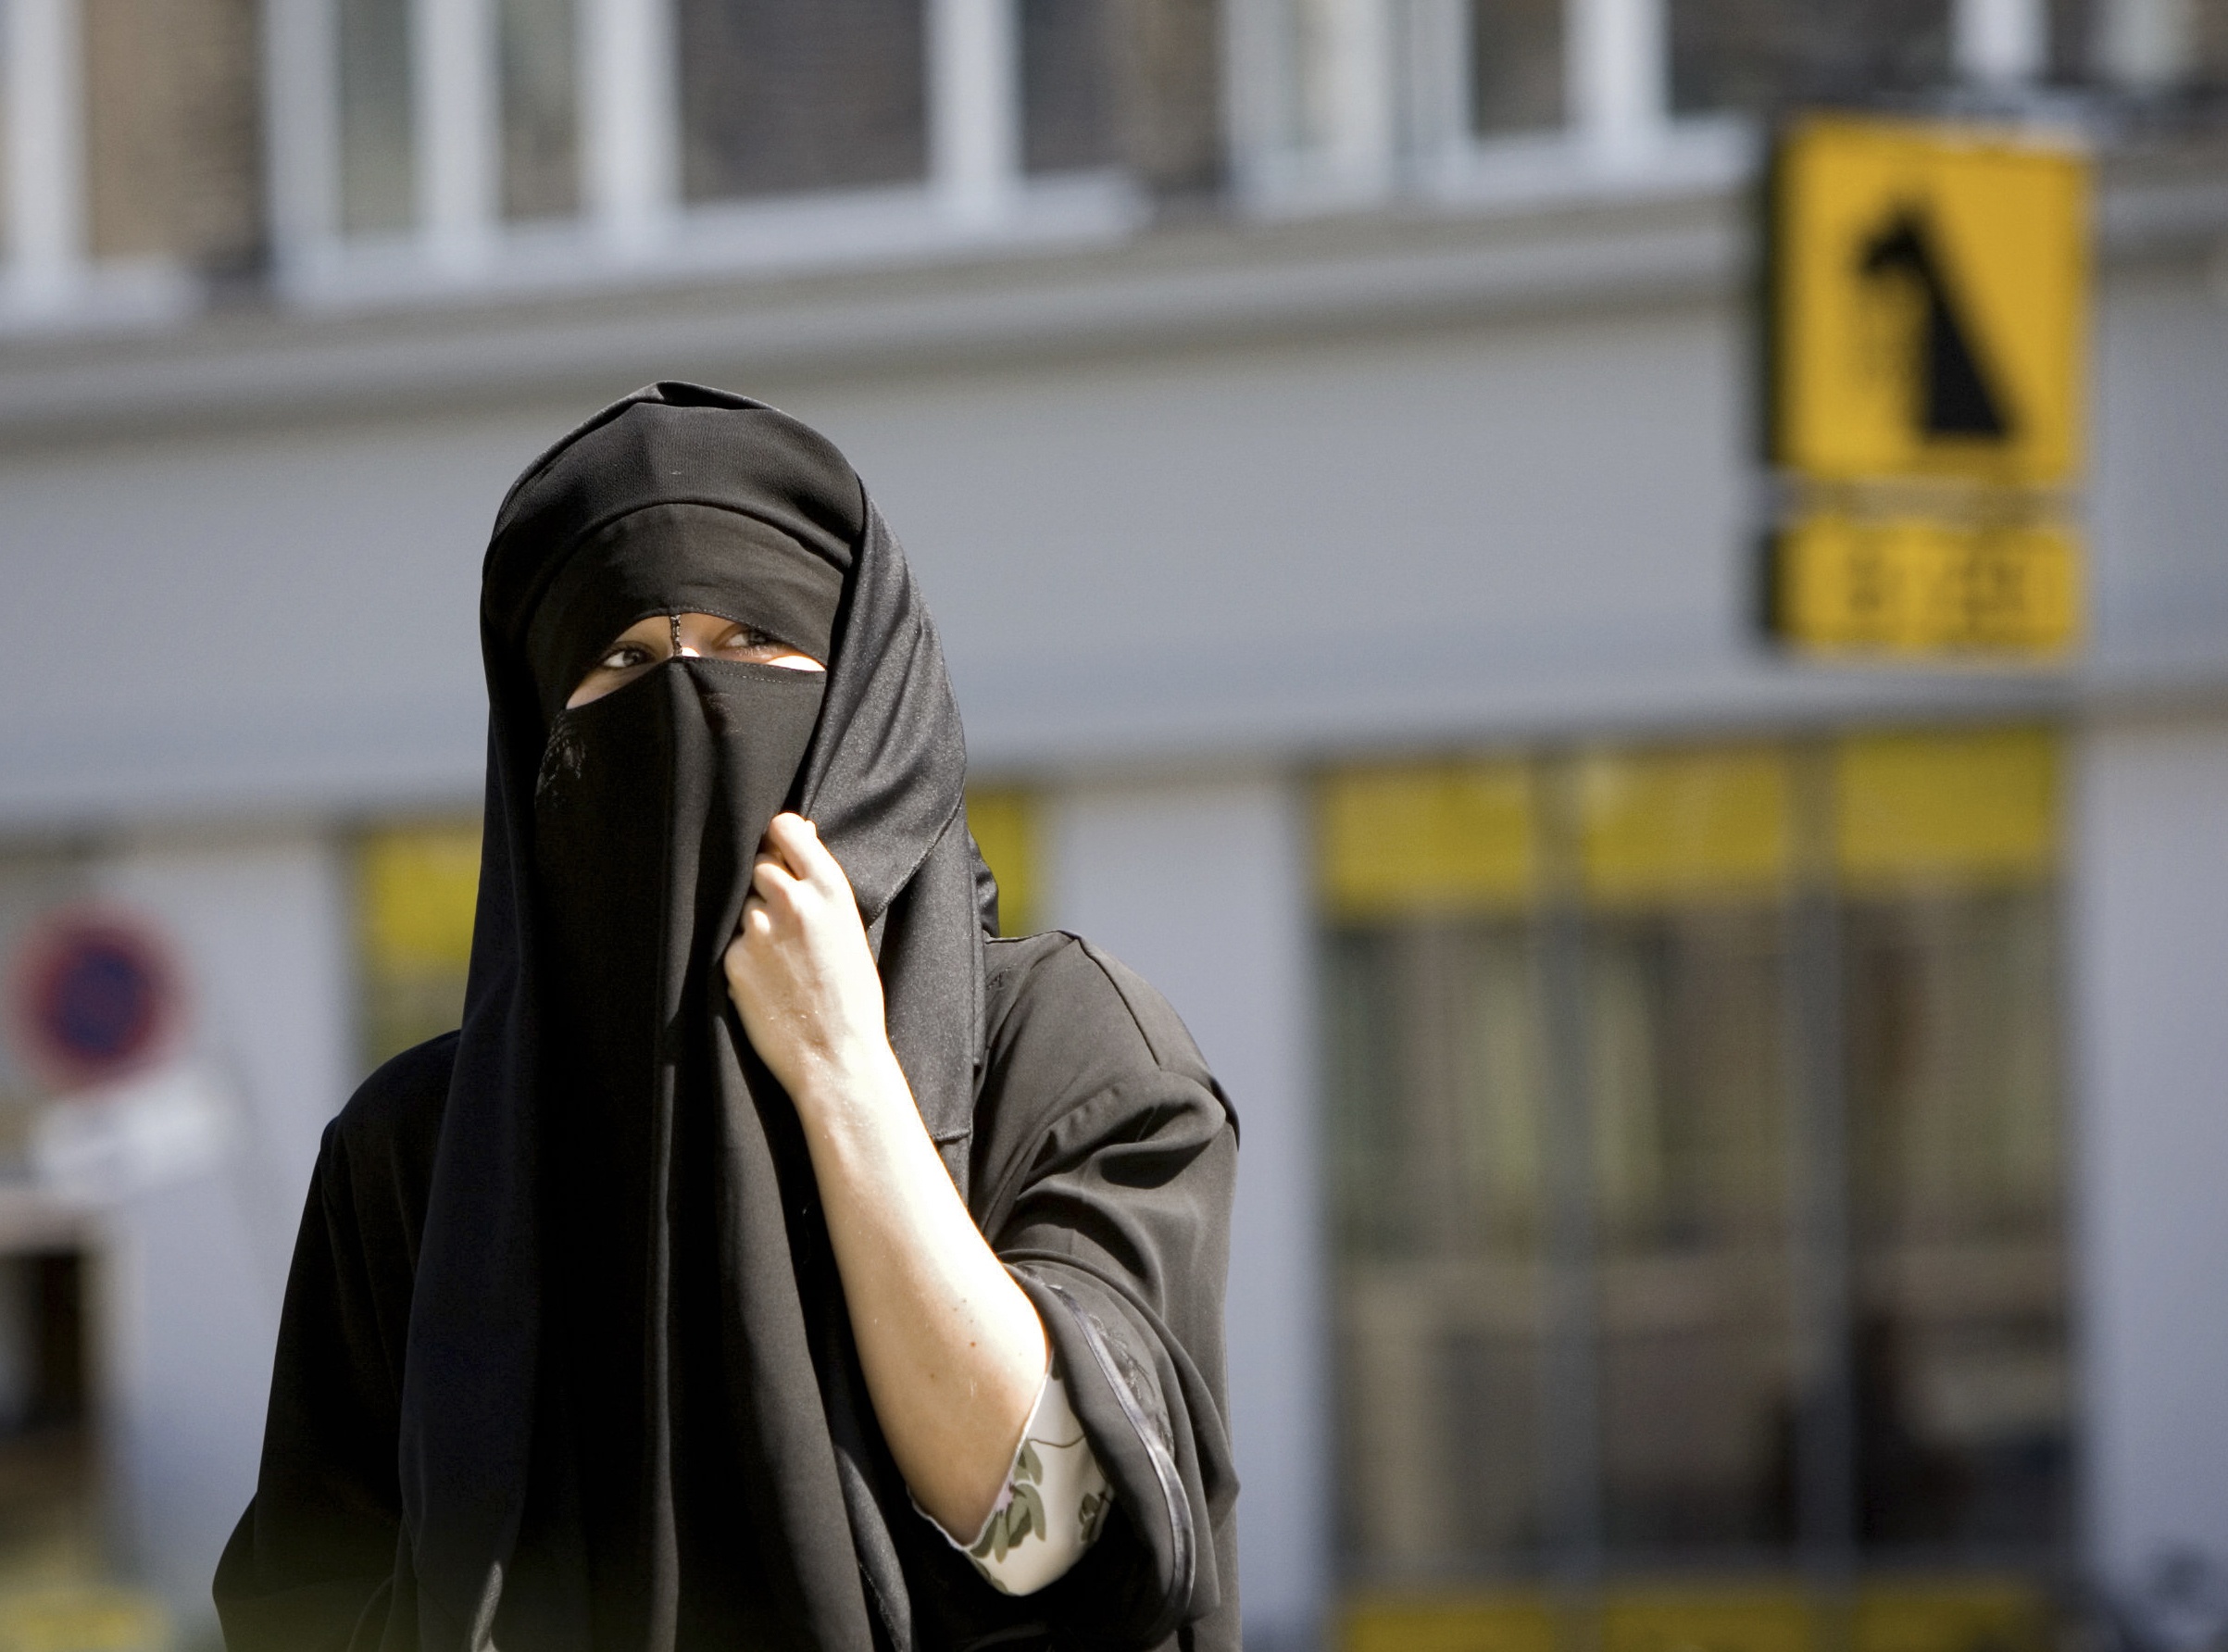 Először büntettek nikábot viselő nőt Dániában